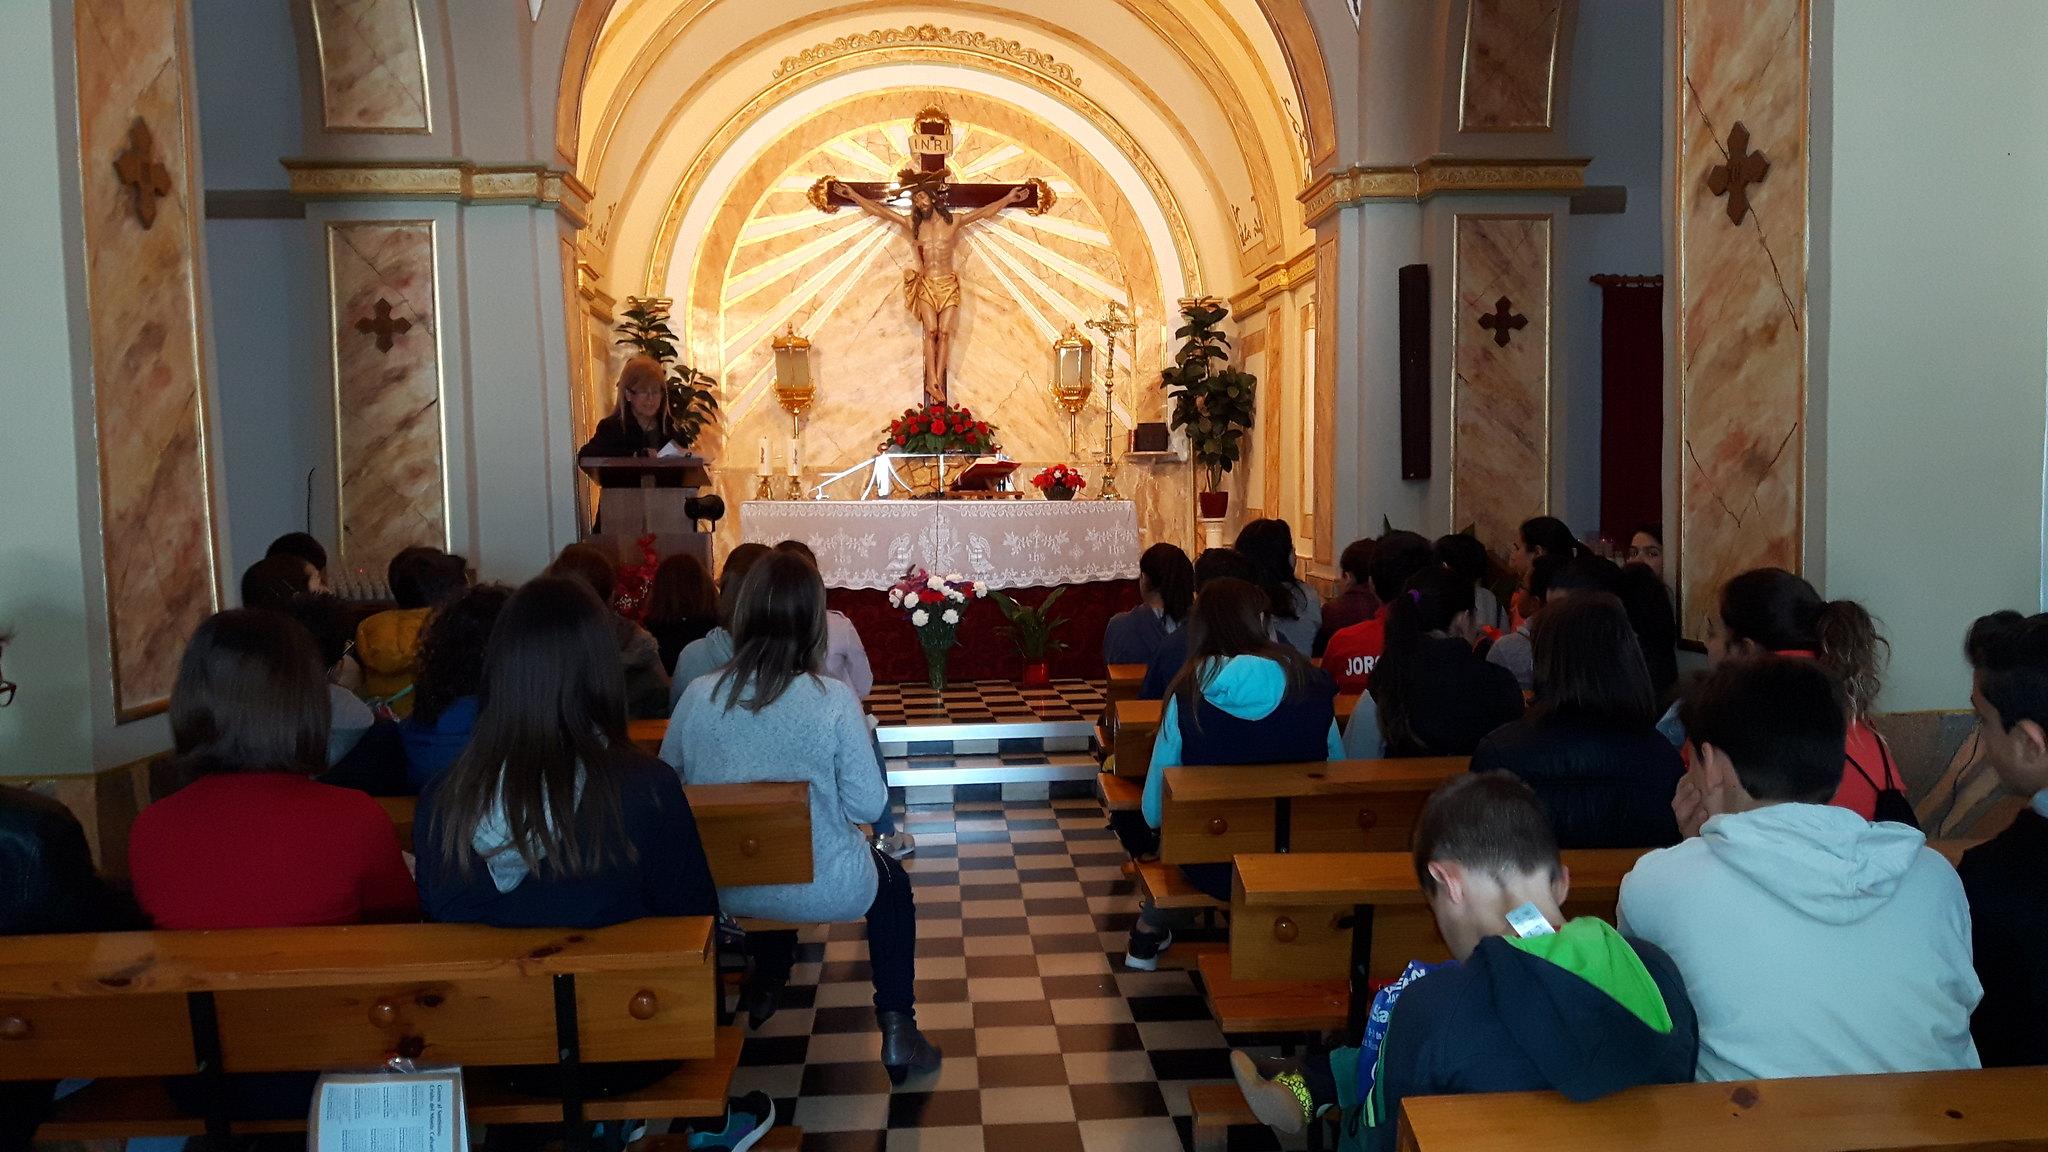 (2017-03-31) - Visita ermita alumnos Yolada-Pilar, Virrey Poveda-9 de Octubre - Maria Isabel Berenquer Brotons - (05)